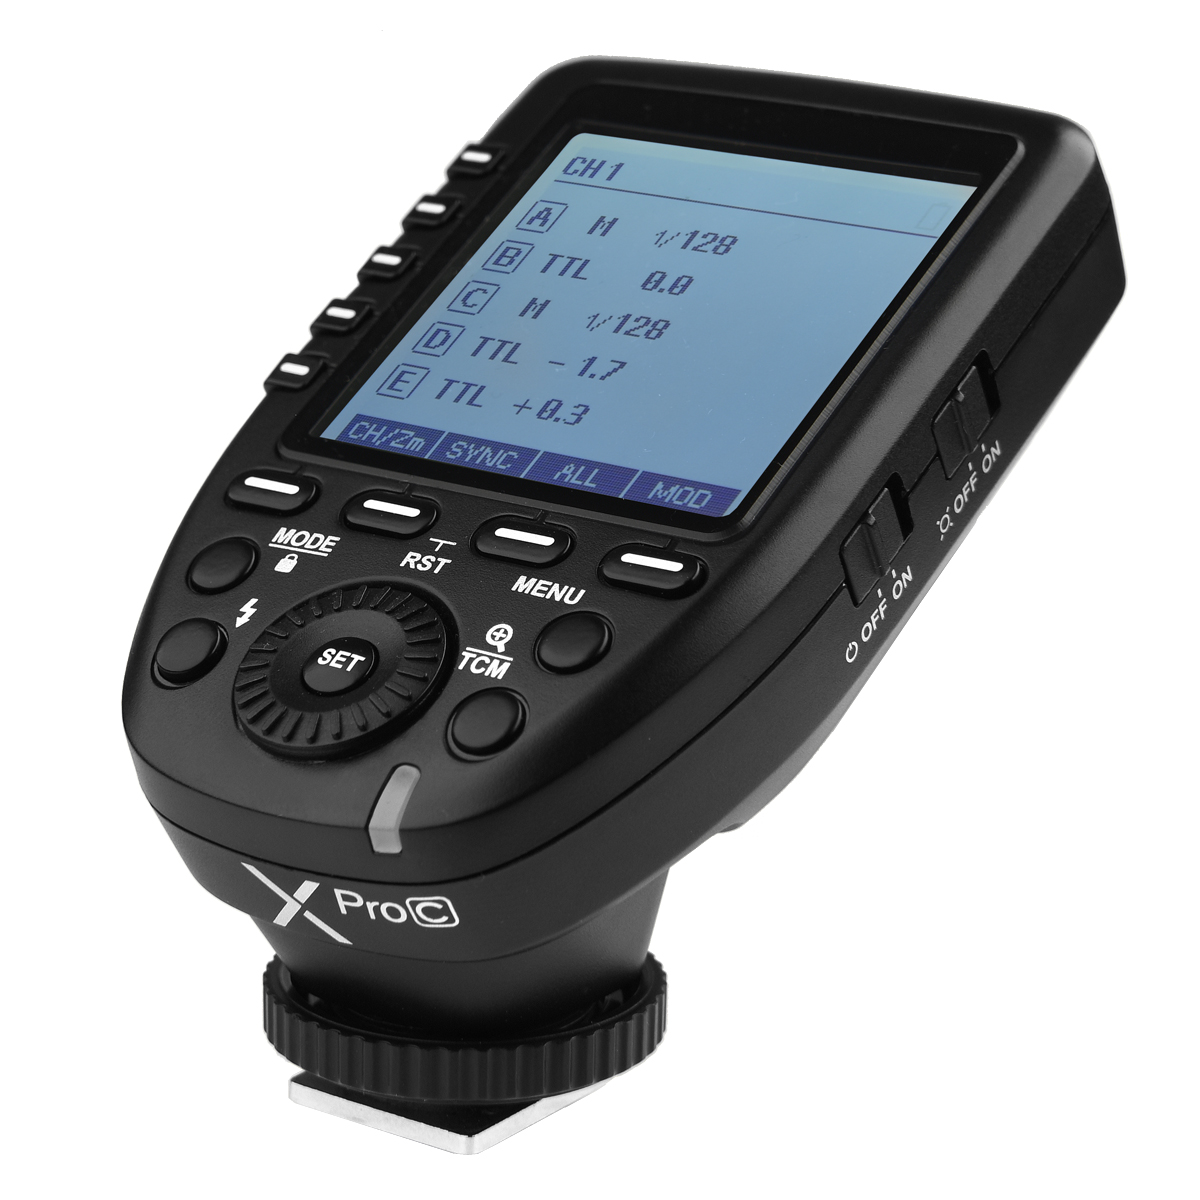 GODOX ゴドックス X Pro C キャノン用 ワイヤレスフラッシュ 外付けフラッシュ(快適家電デジタルライフ)